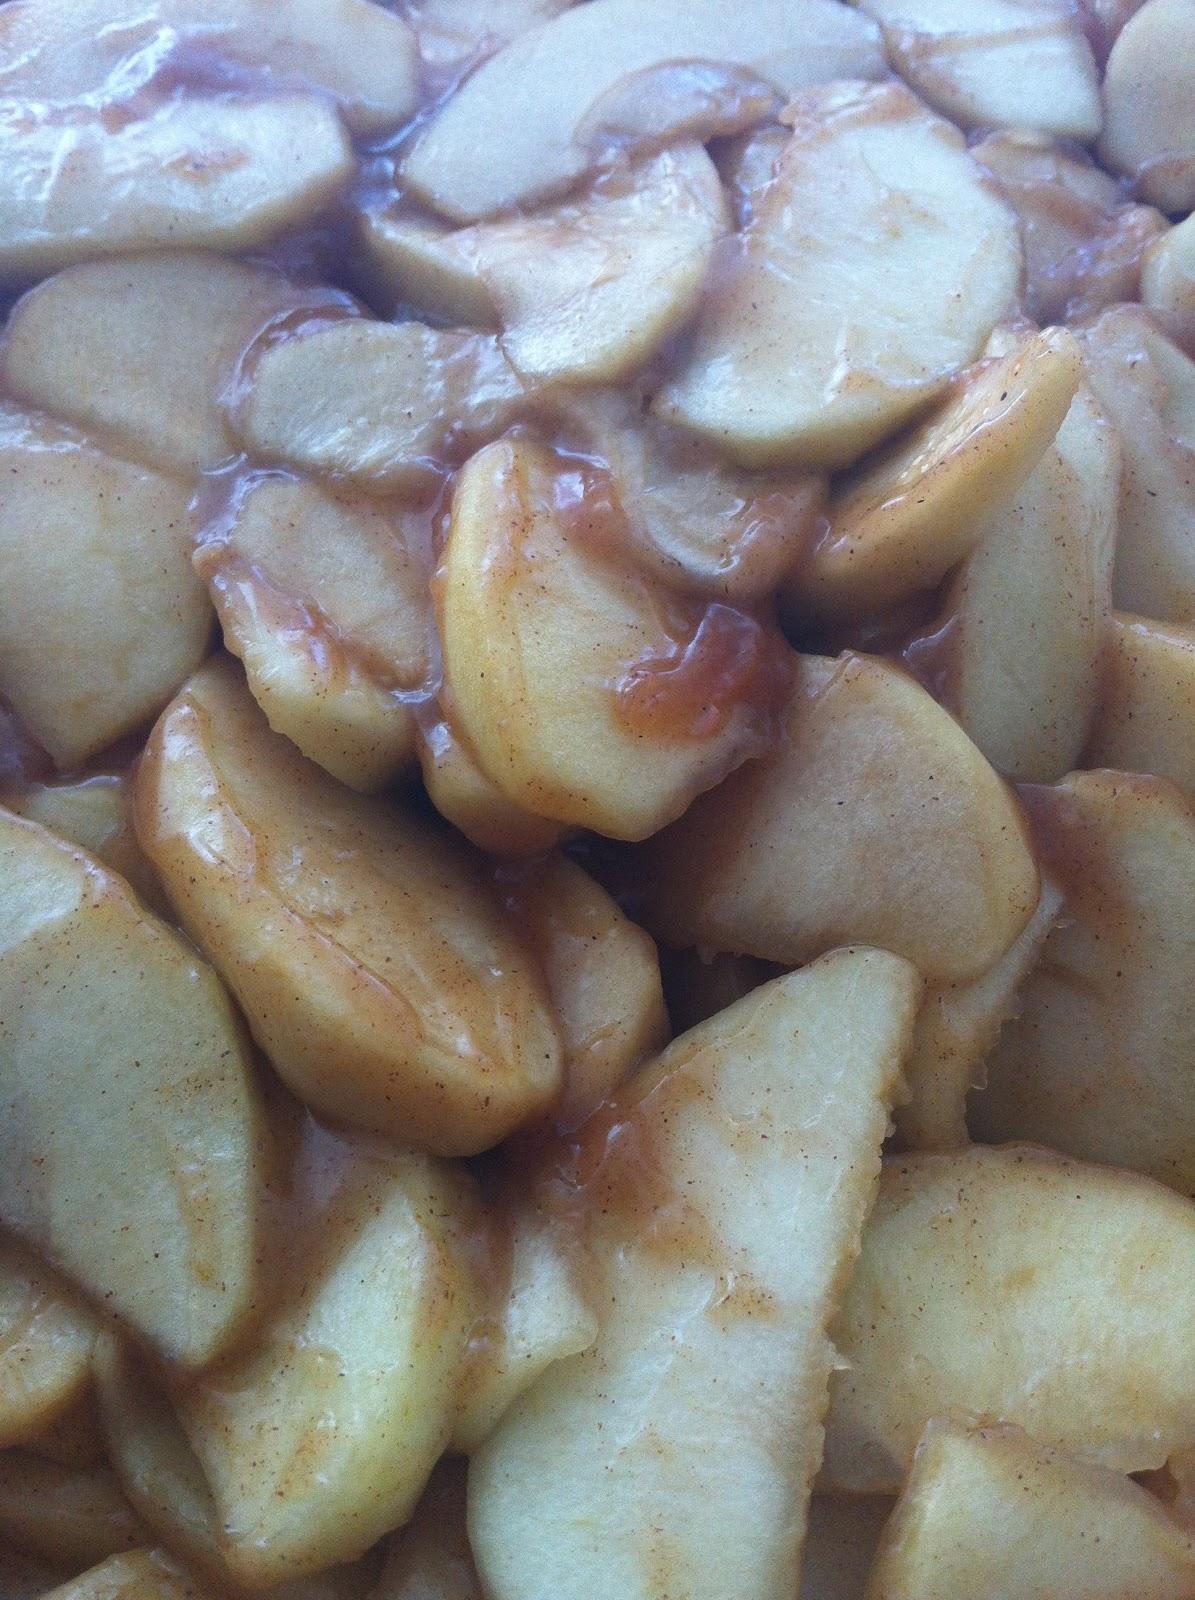 Leve-as ao forno (200 graus) em forma antiaderente, coberta com papel alumínio até que as maçãs estejam macias, mas não murchas. Este processo deverá levar algo em torno de 1 hora, então é importante retirar a forma do forno algumas vezes (de 20 em 20 minutos é uma boa) e mexer as maçãs. Retire-as do forno, adicione o suco de limão e mexa delicadamente, deixando o receio esfriar por aproximadamente 30 minutos.